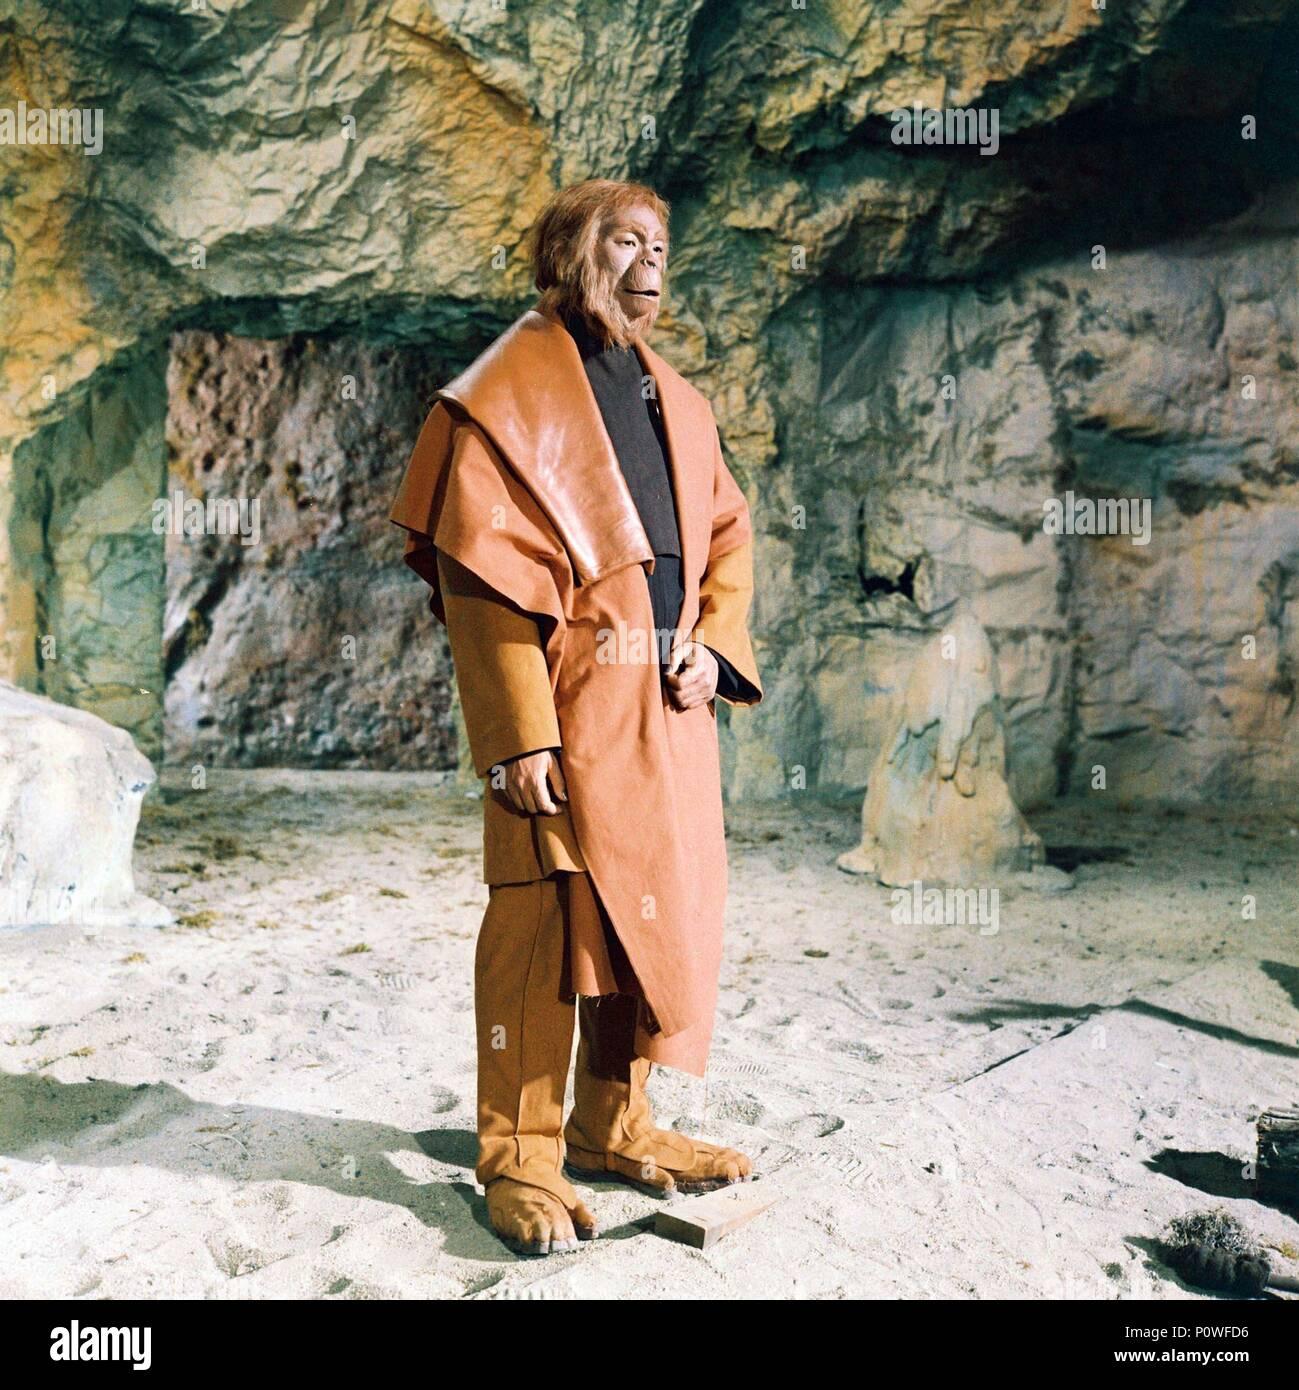 Titre original: la planète des singes. Titre en anglais: la planète des singes. Directeur de film: Franklin J. Schaffner. Année: 1968. Stars: MAURICE EVANS. Crédit: 20TH CENTURY FOX / Album Banque D'Images